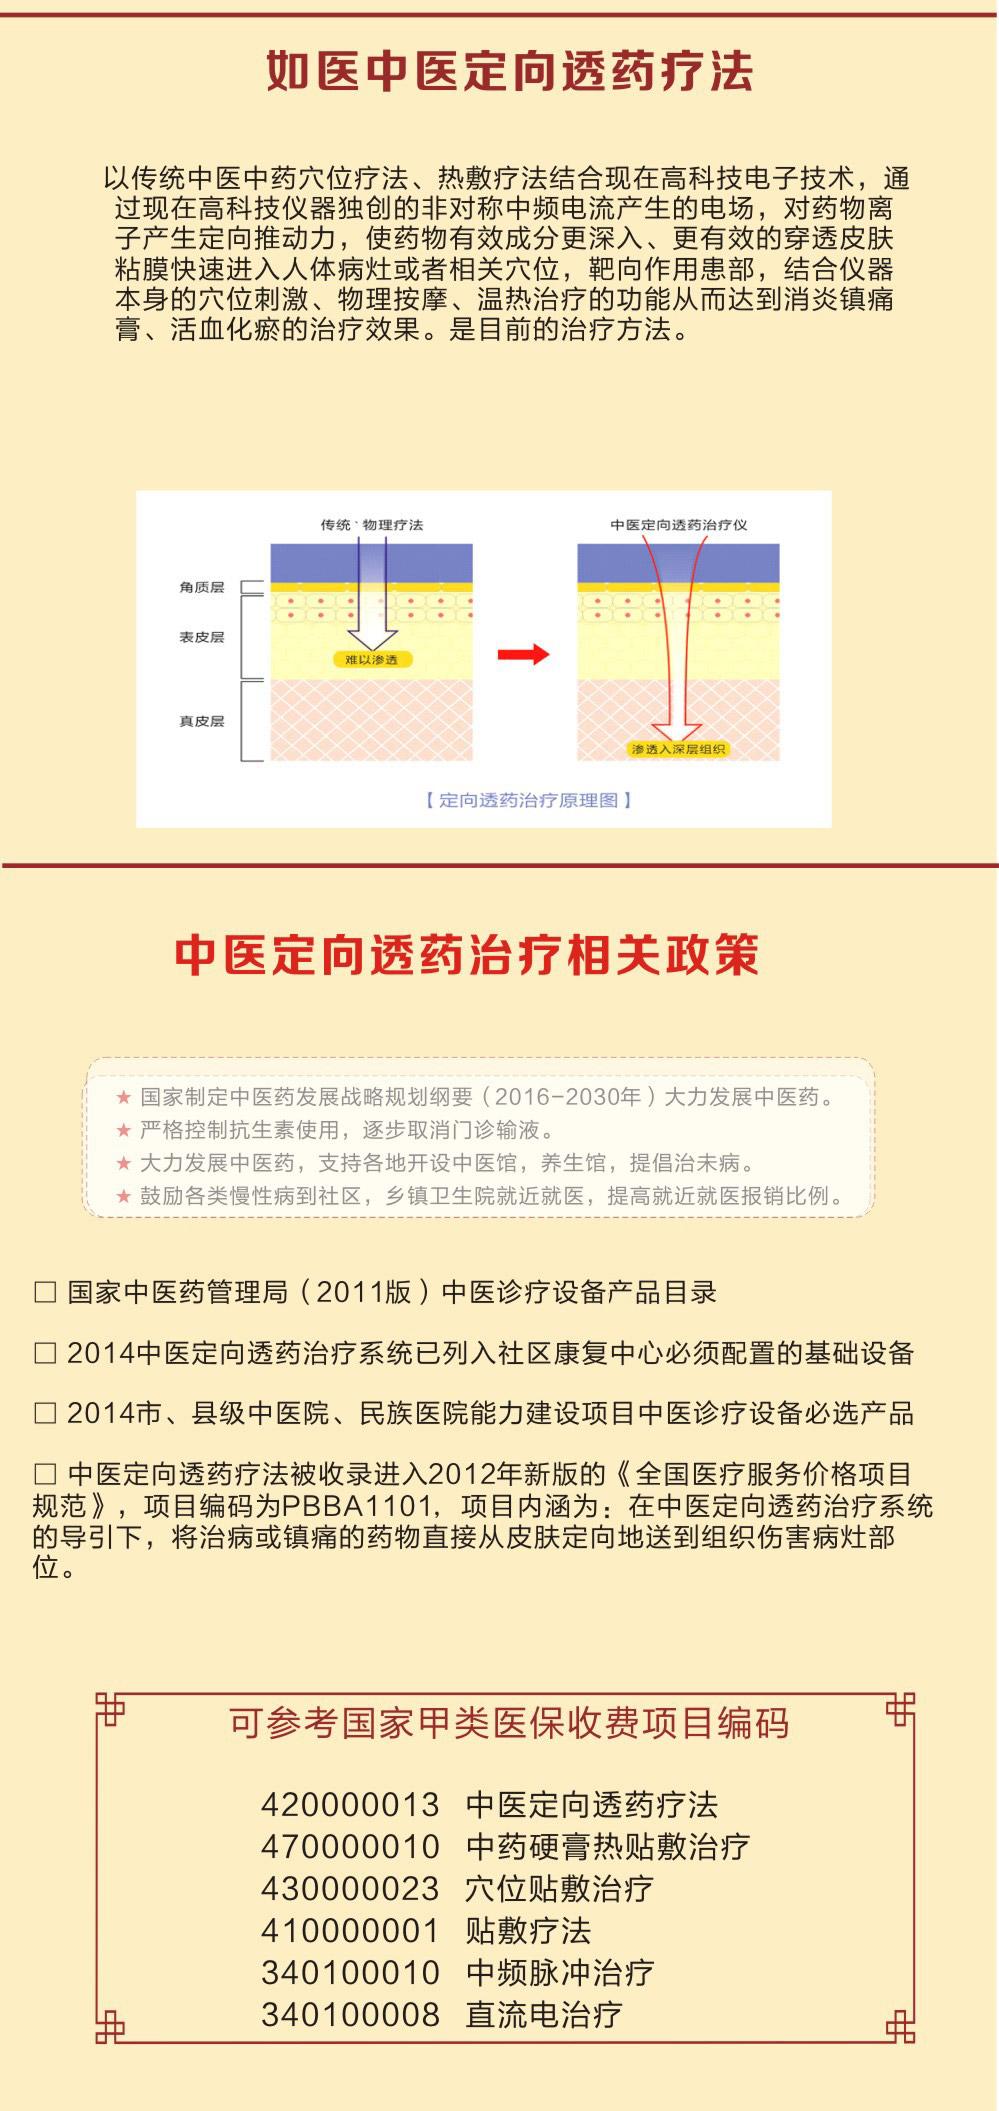 中医定向透药治疗仪_中频激光综合治疗仪-郑州如医堂医疗器械有限公司